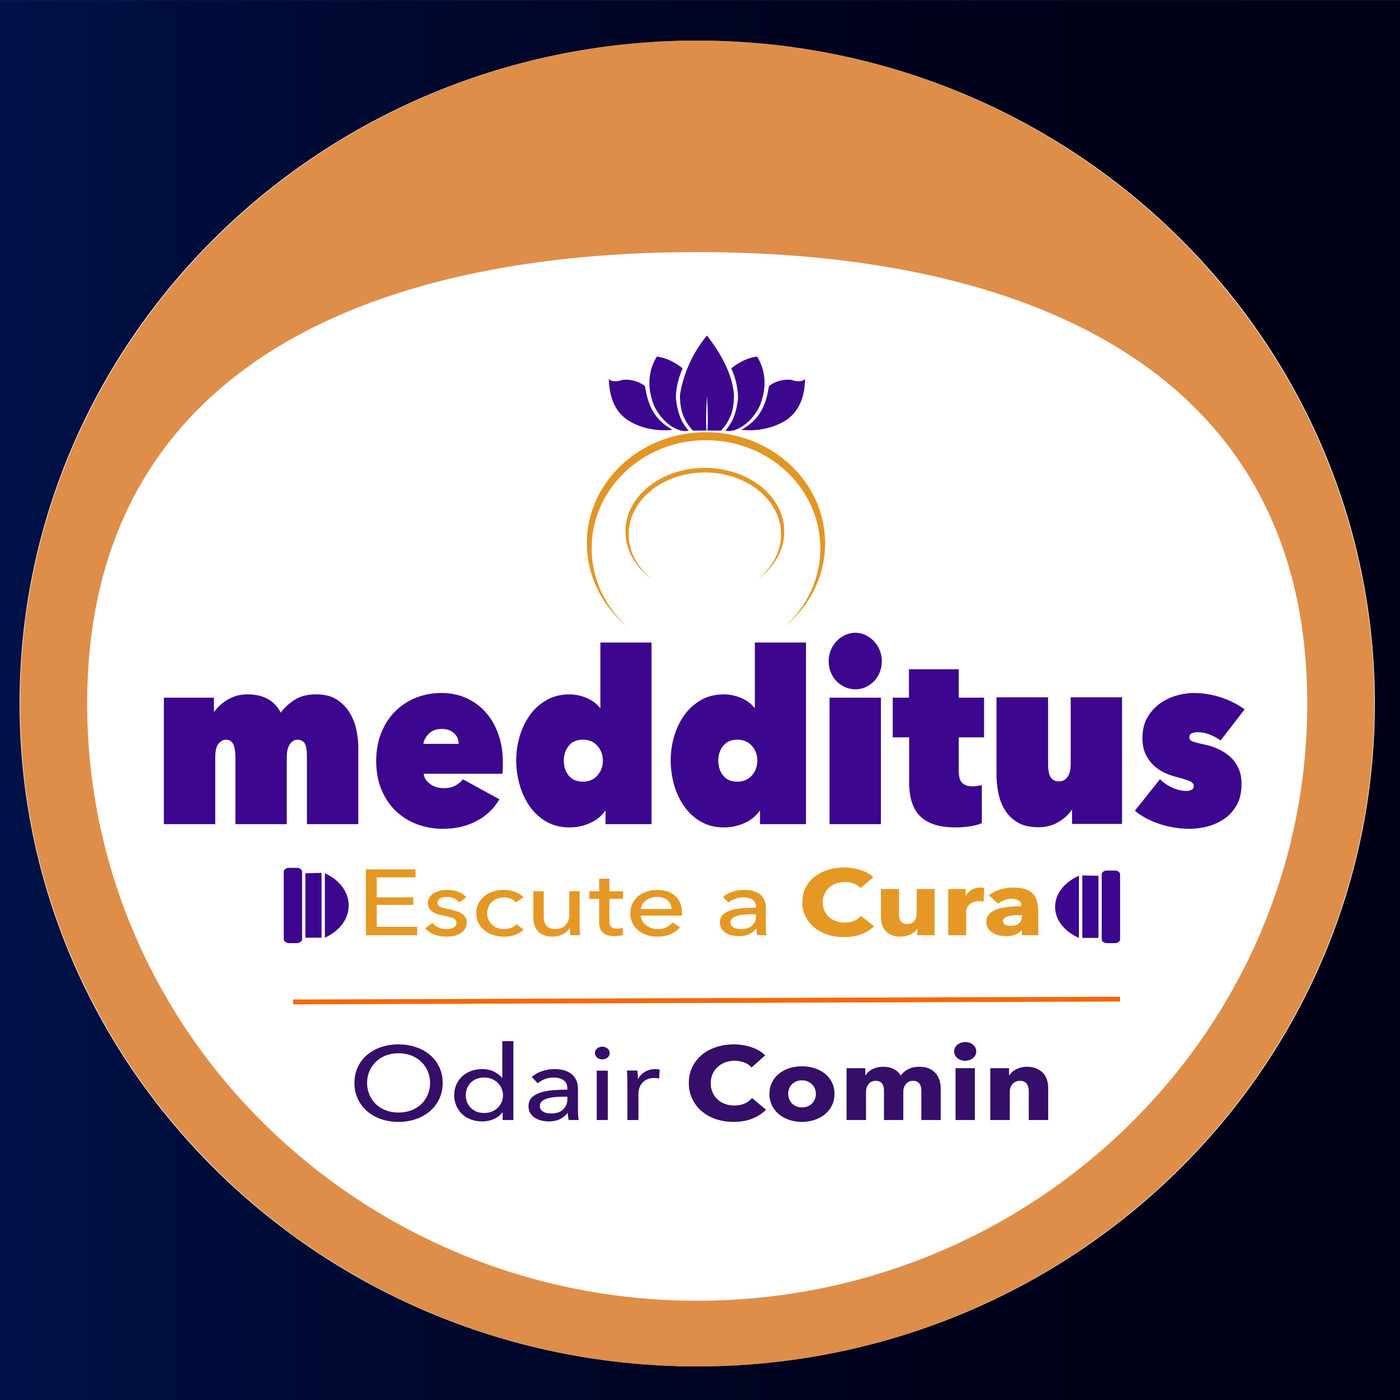 medditus